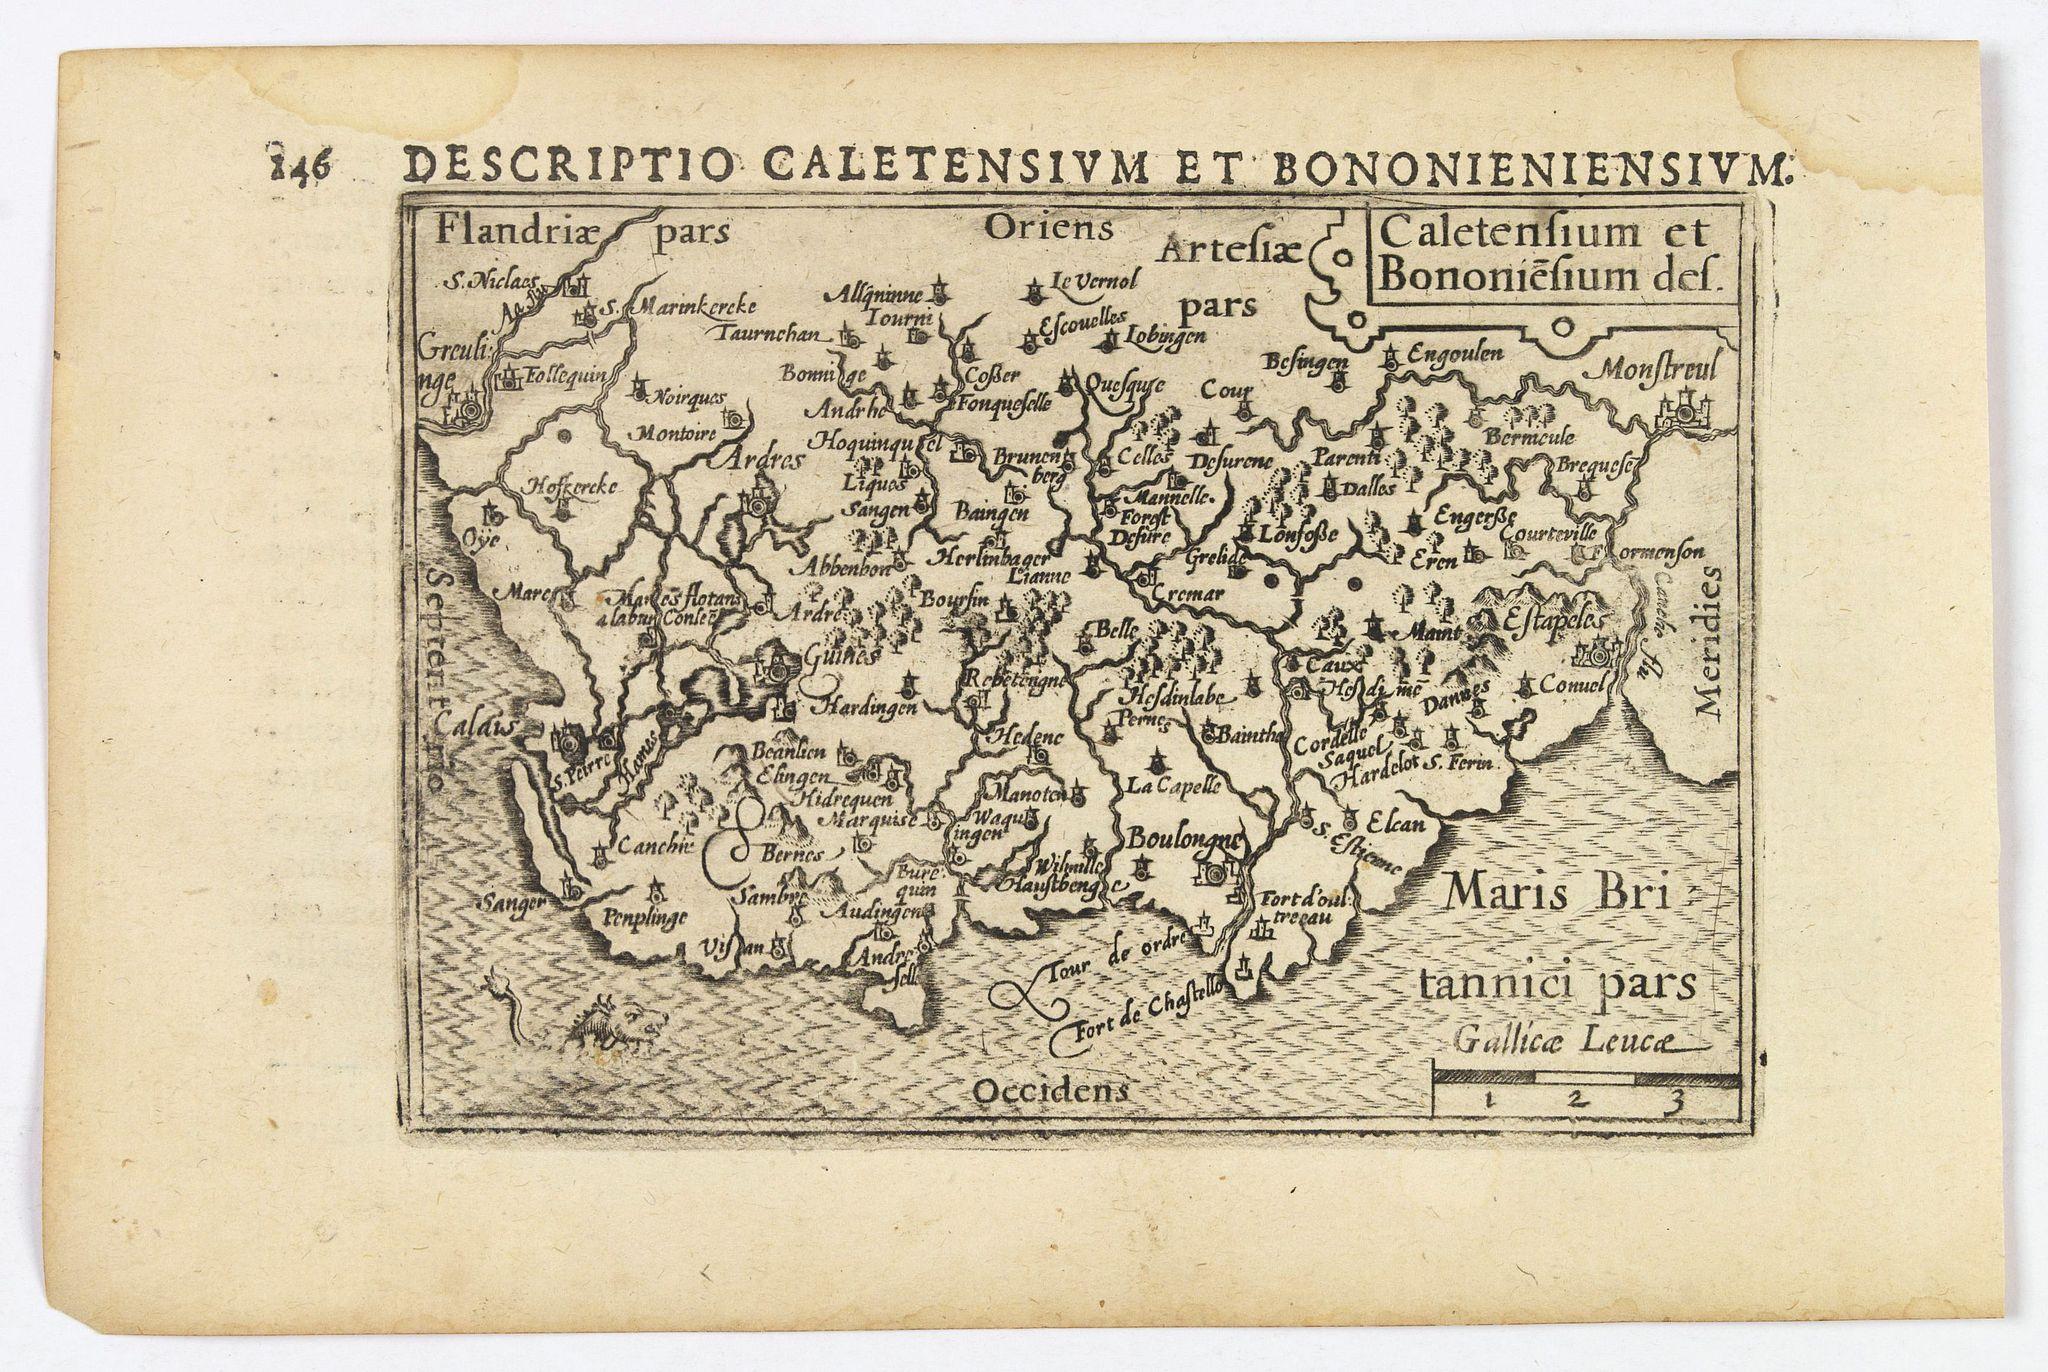 LANGENES, B. / BERTIUS, P. -  Caletensium et Bononiesium def.